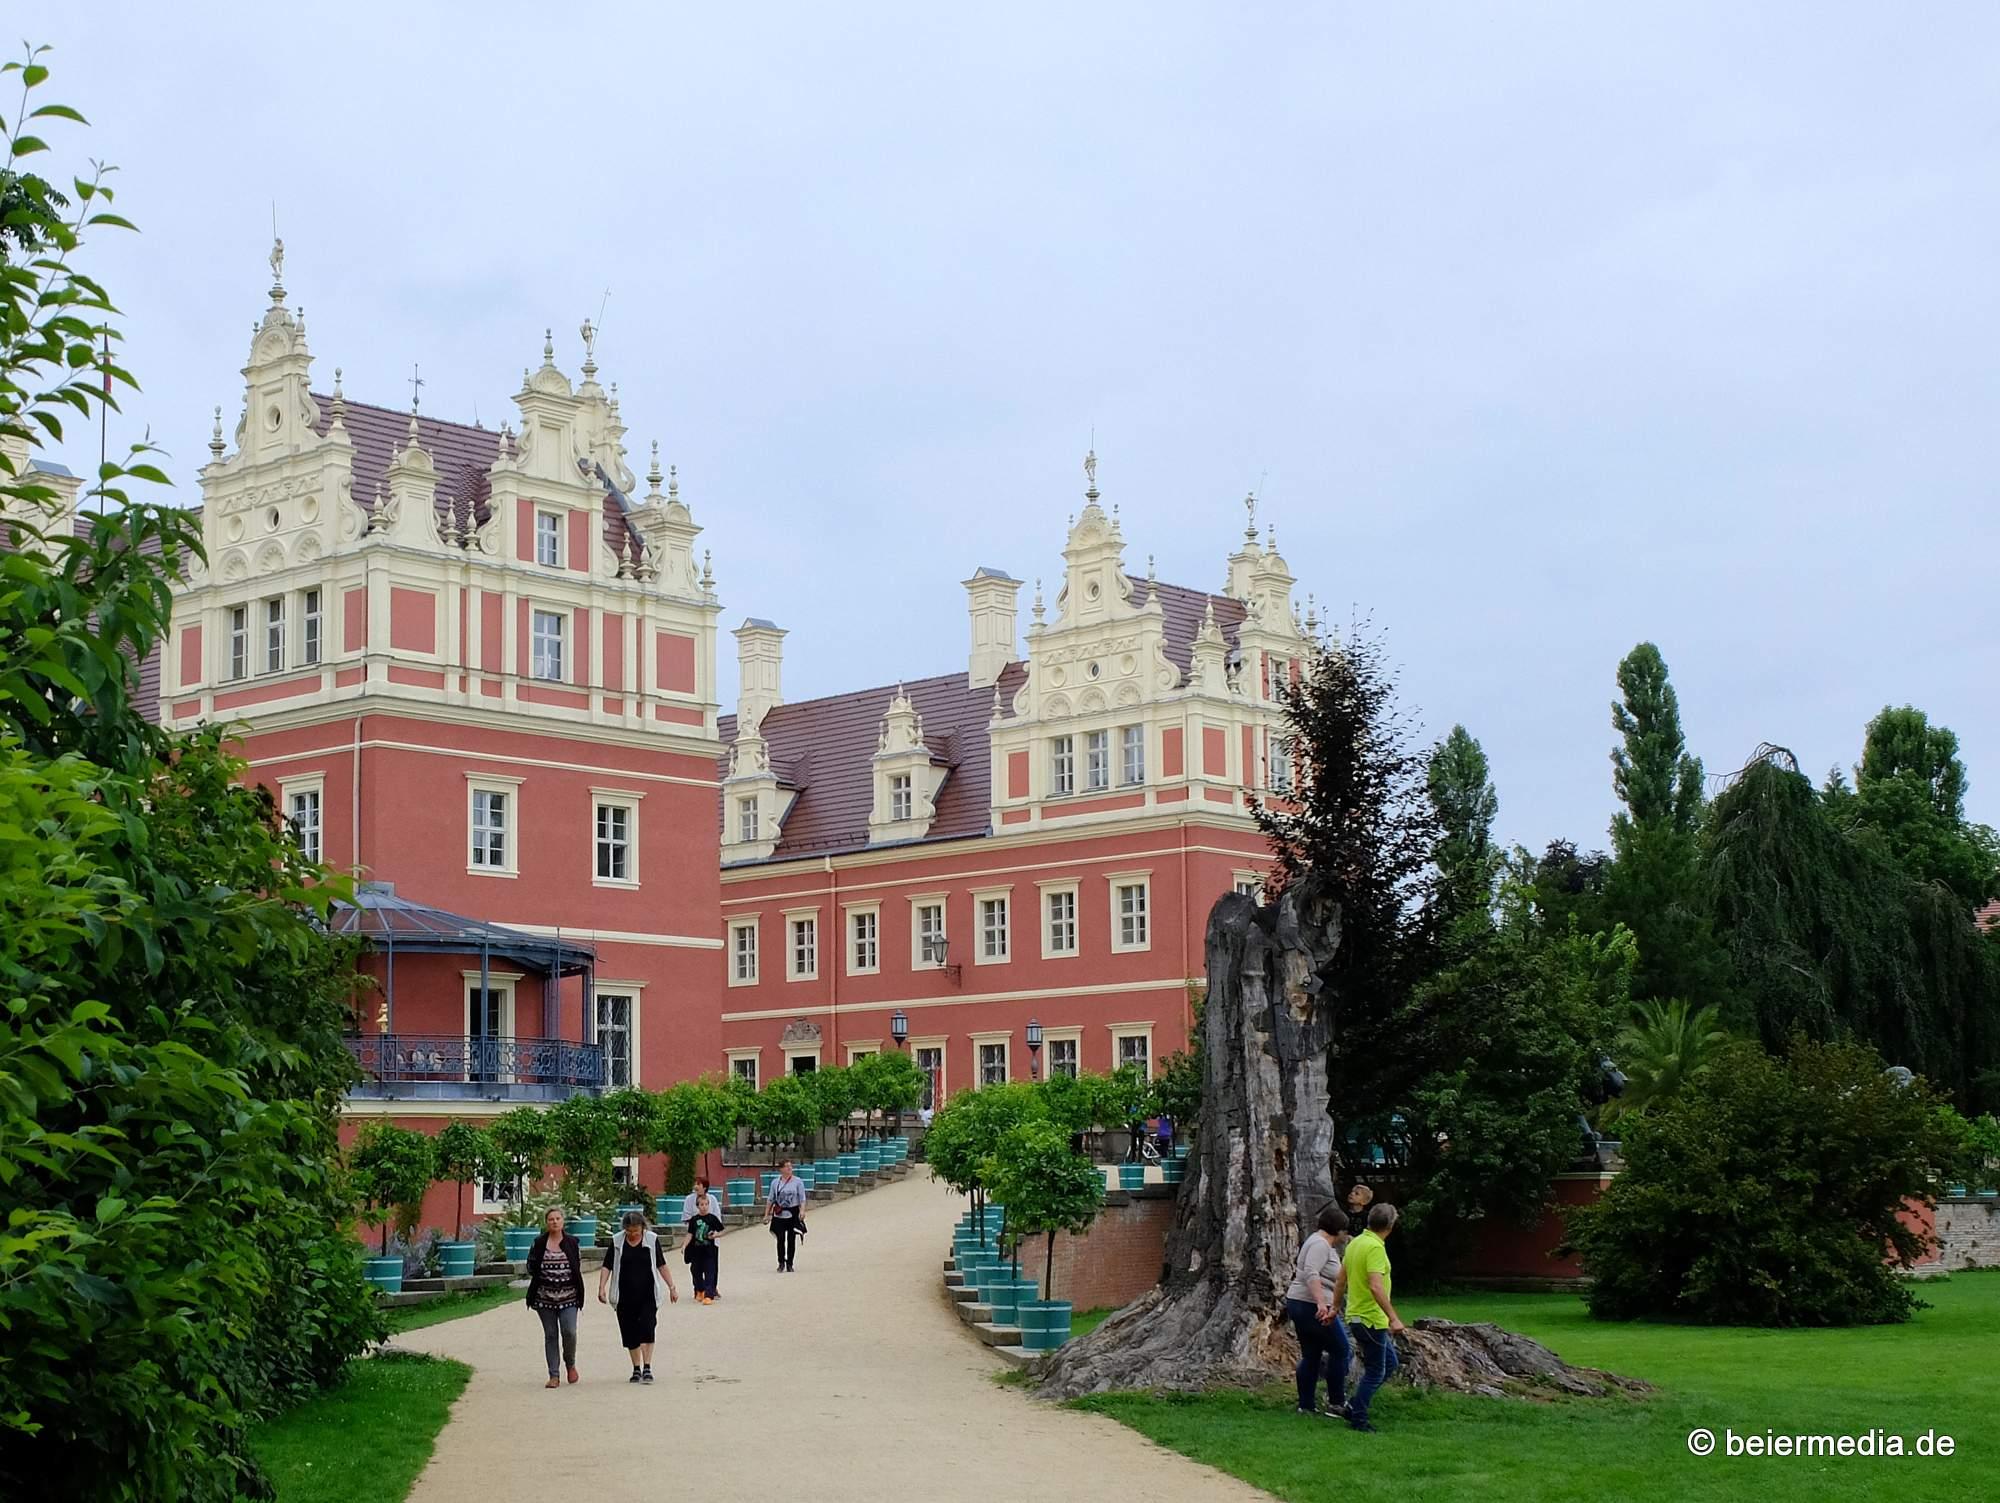 Das Neue Schloss im Fürst-Pückler-Park zu Bad Muskau